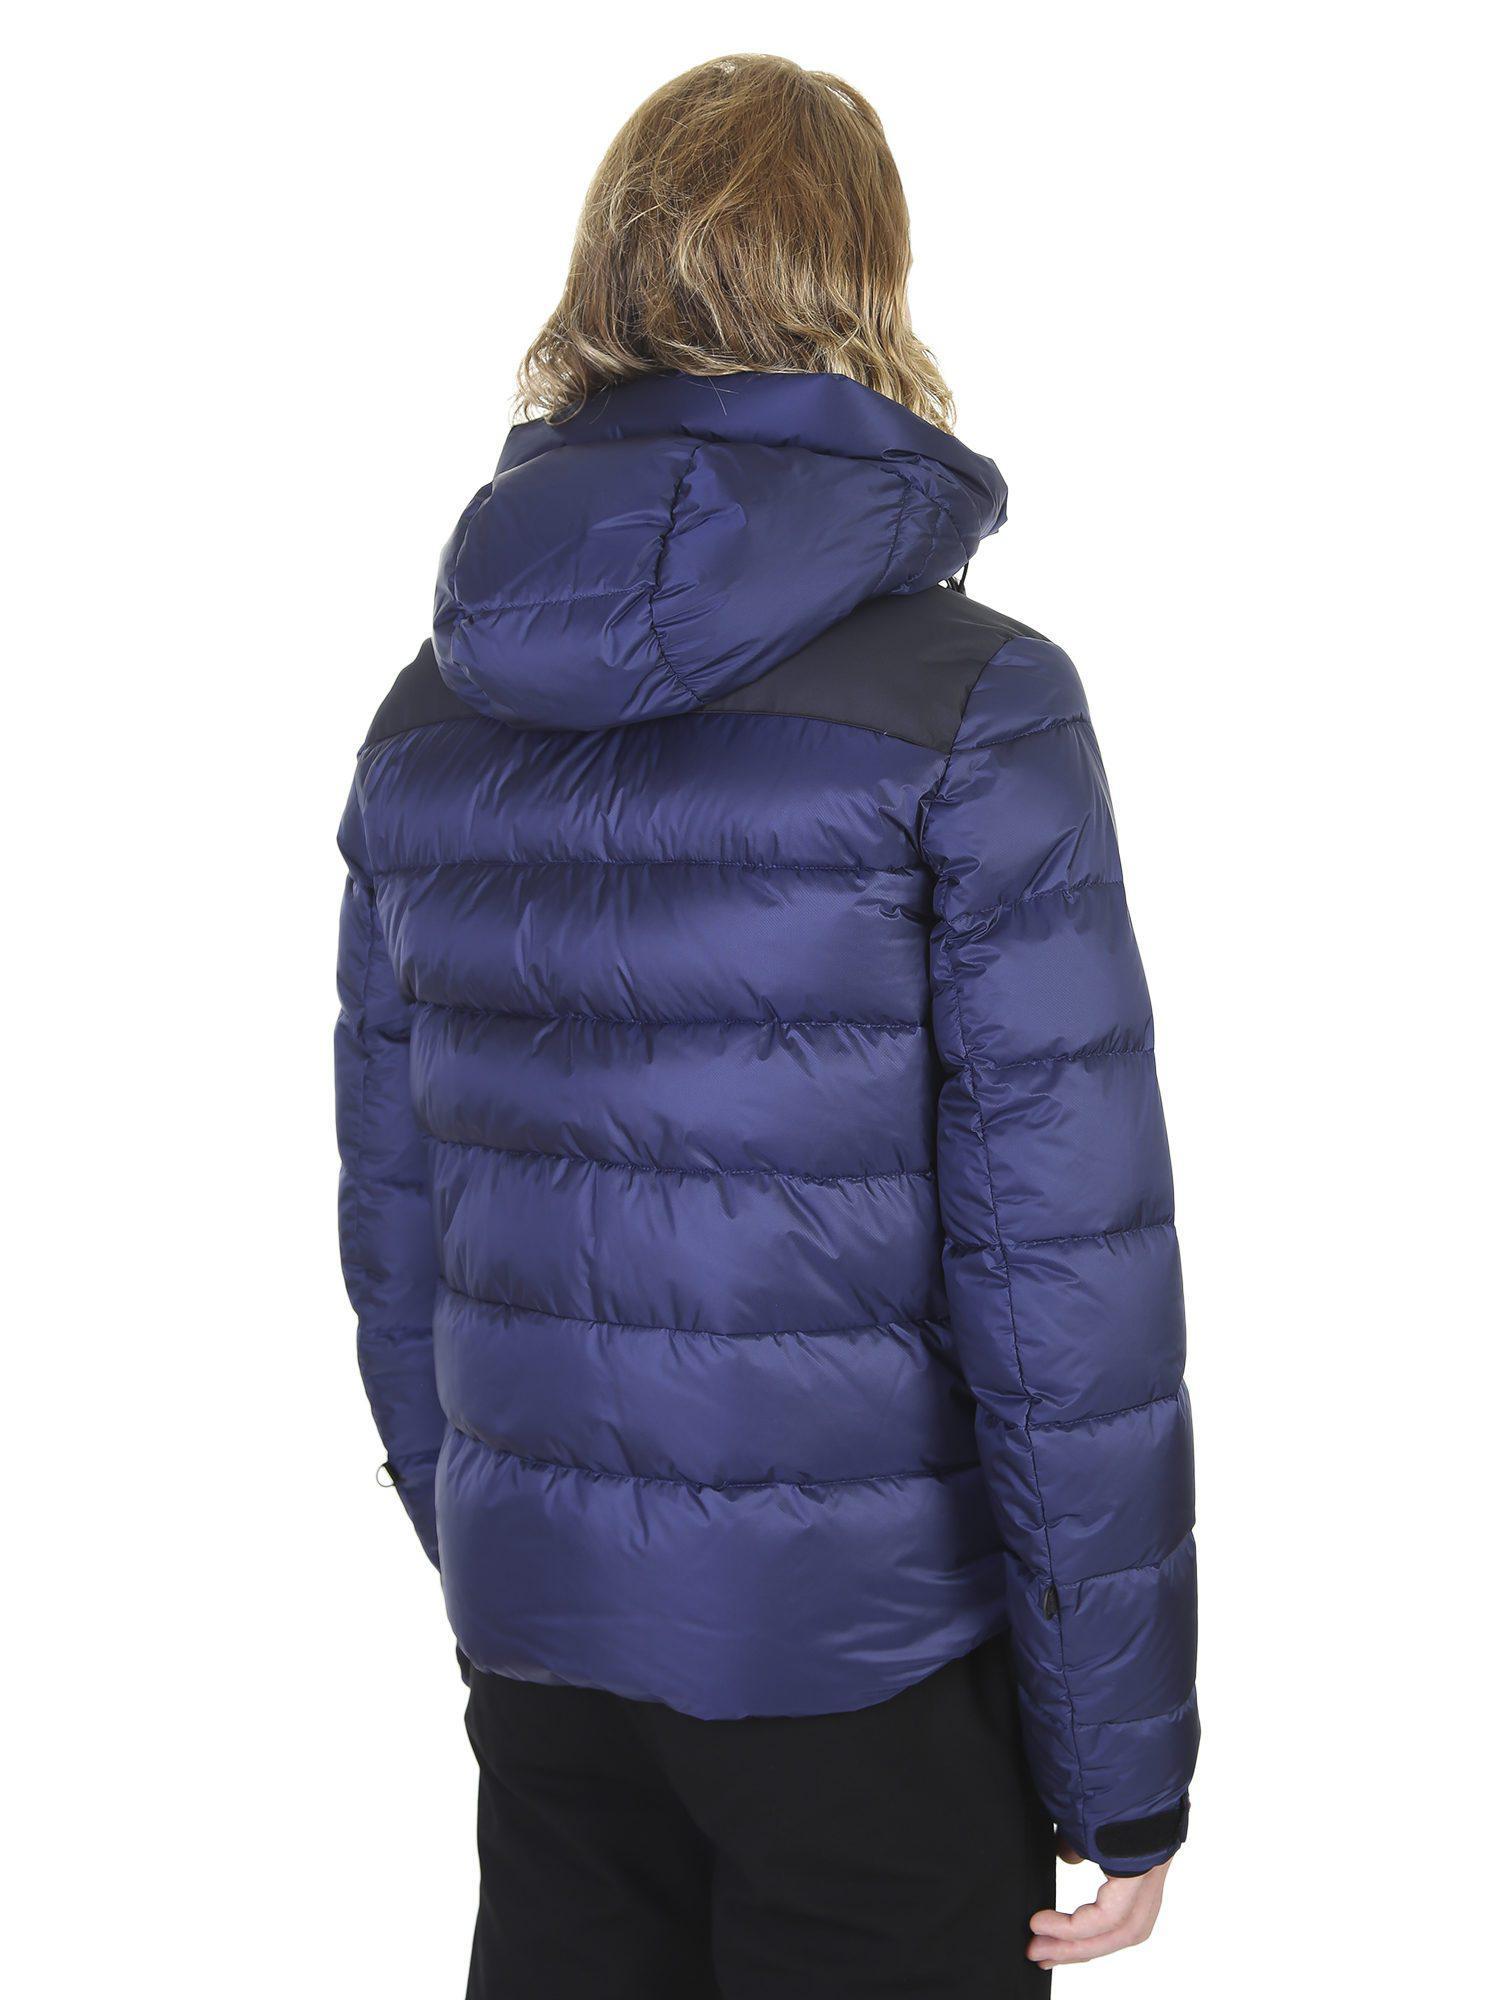 885b65fca0ac7 Lyst - Moncler Grenoble Padded Nylon Hood Jacket in Blue for Men